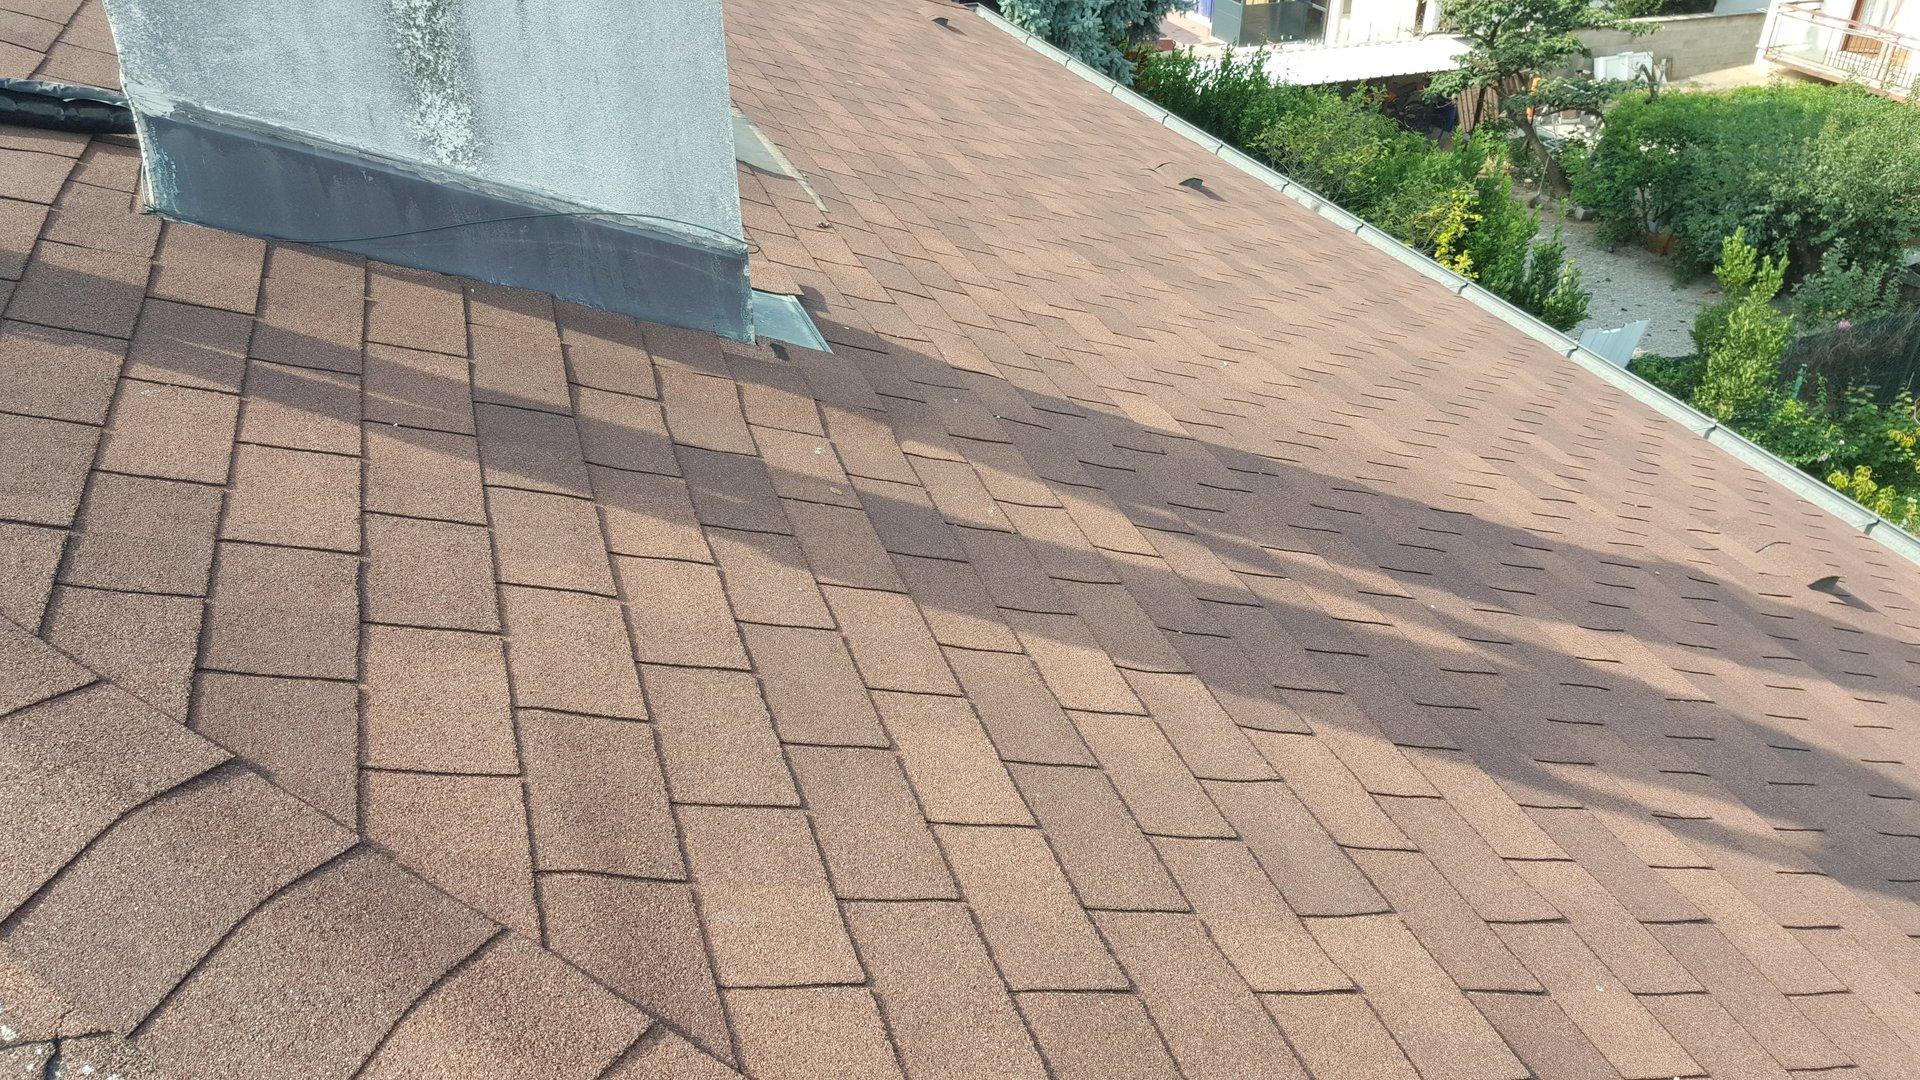 dettaglio di tegole di un tetto